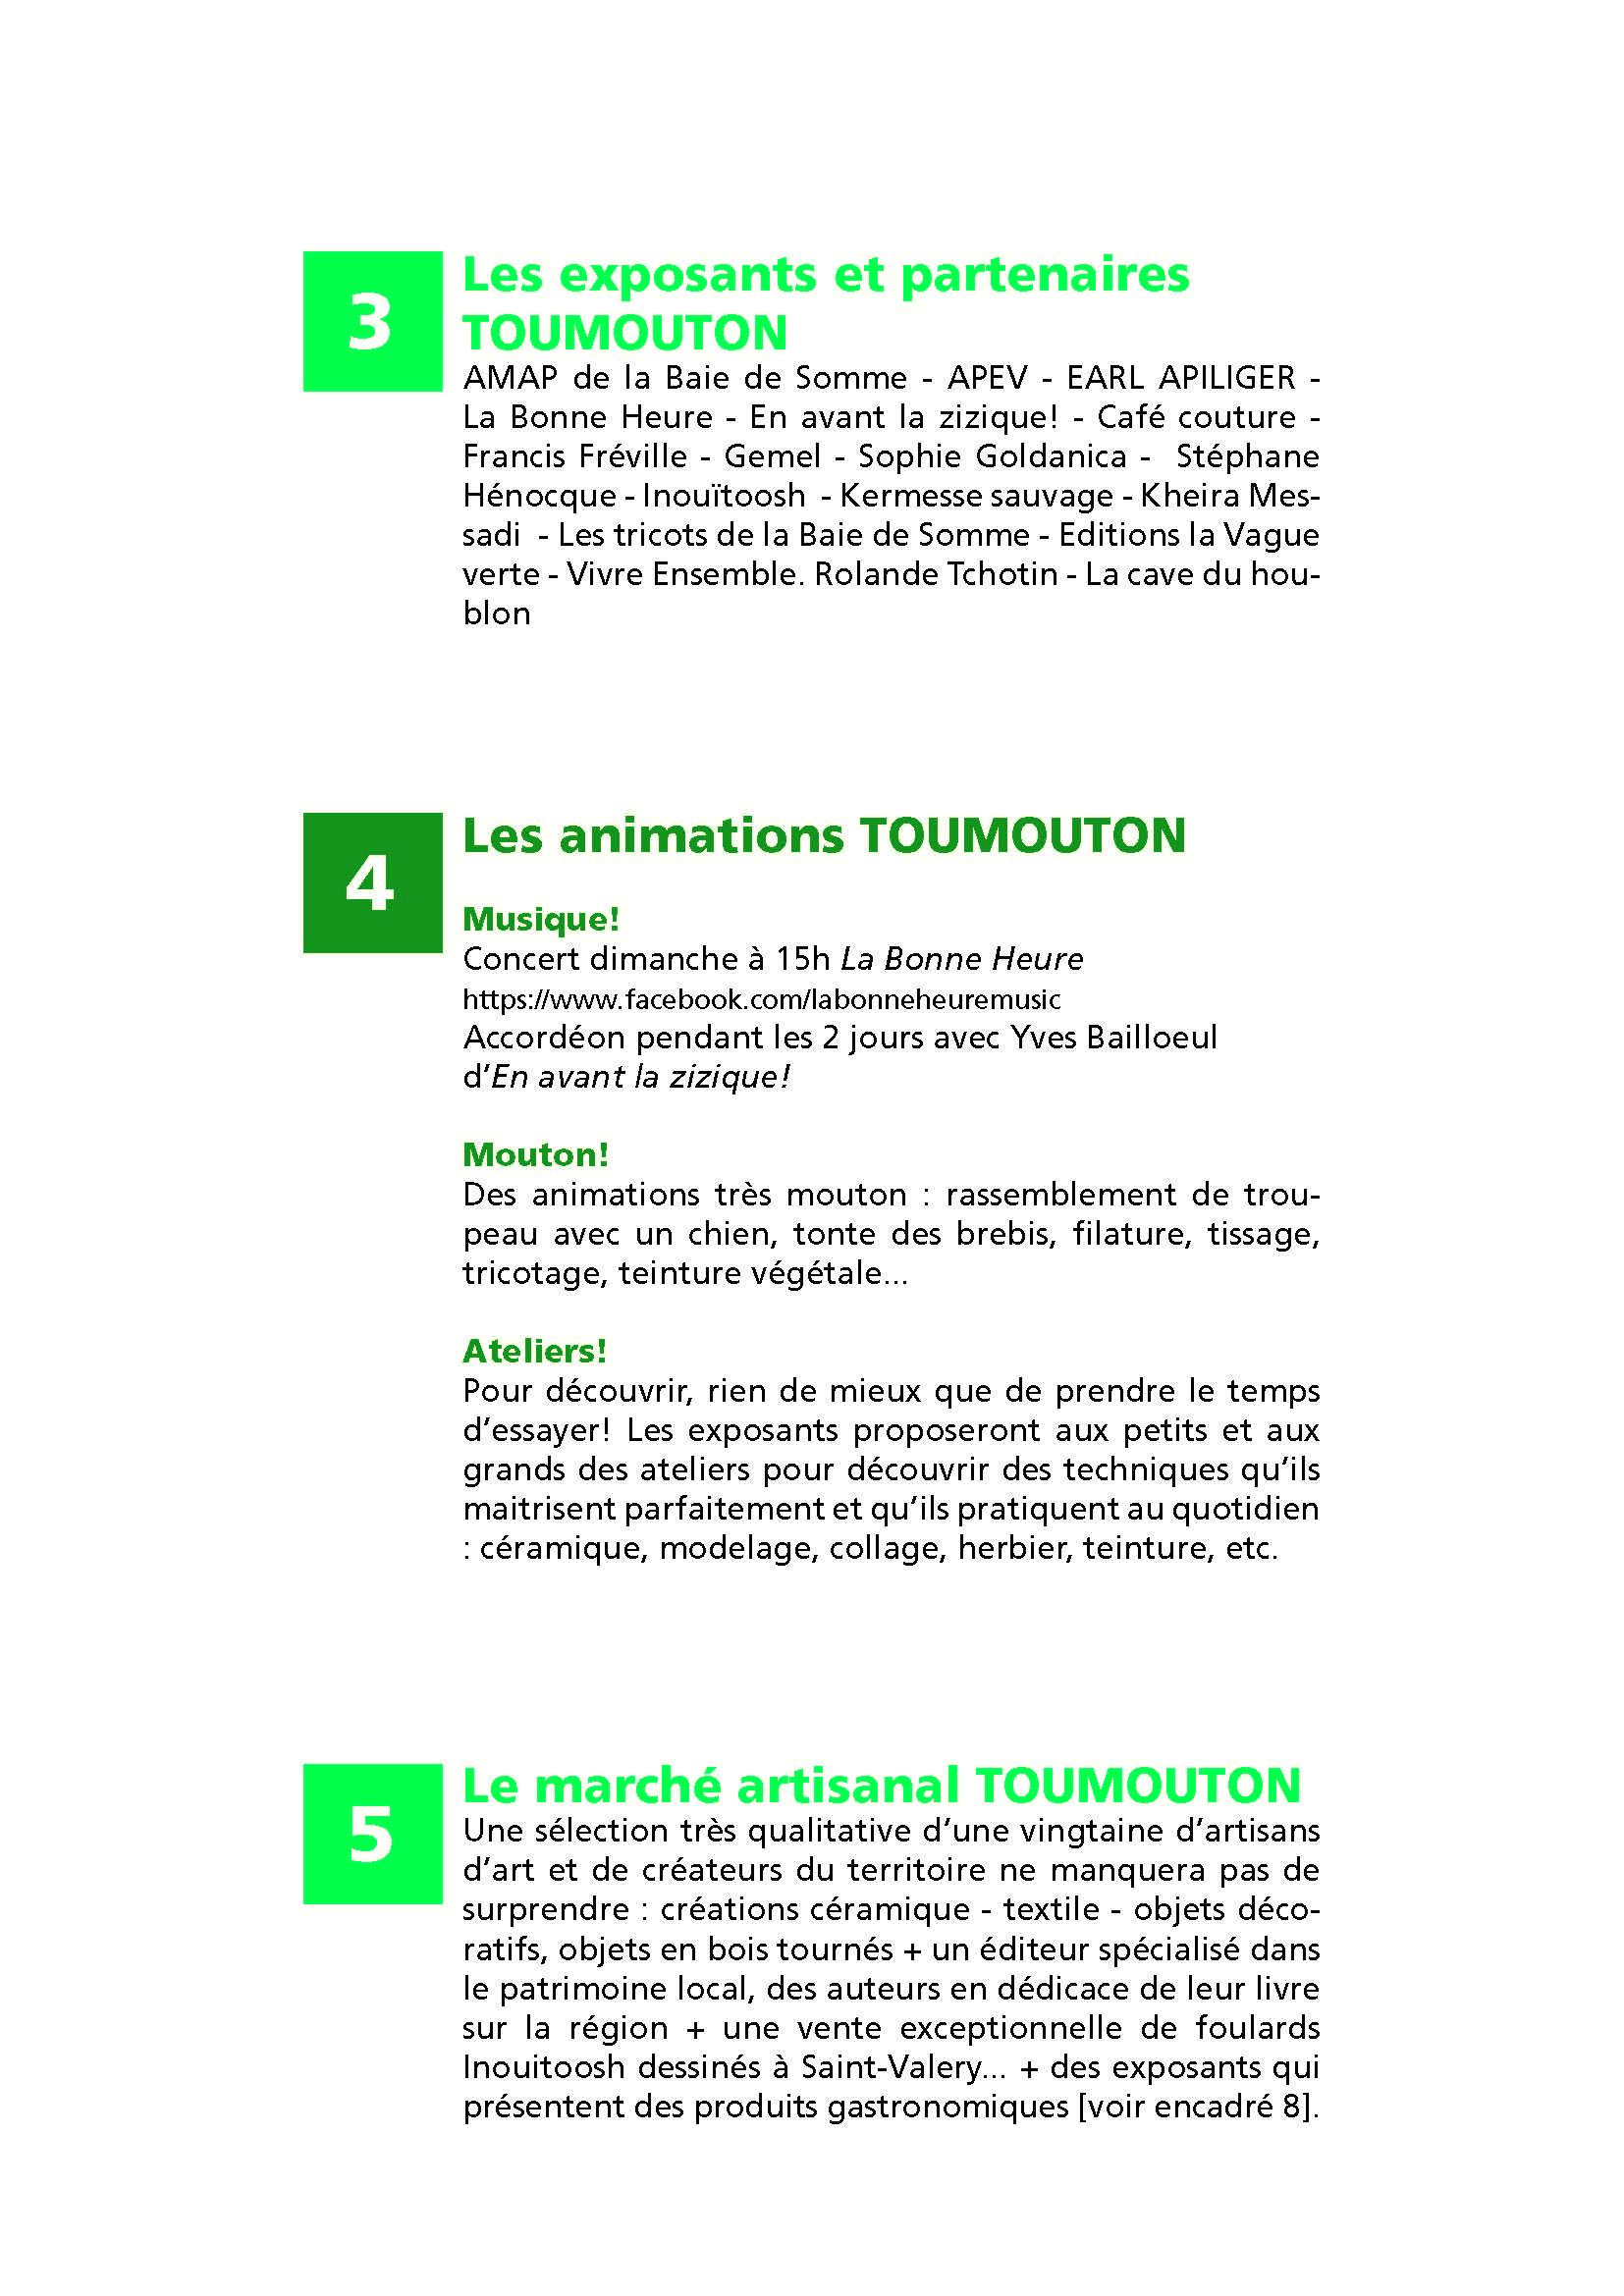 dossier de presse TOUMOUTON_Page_5